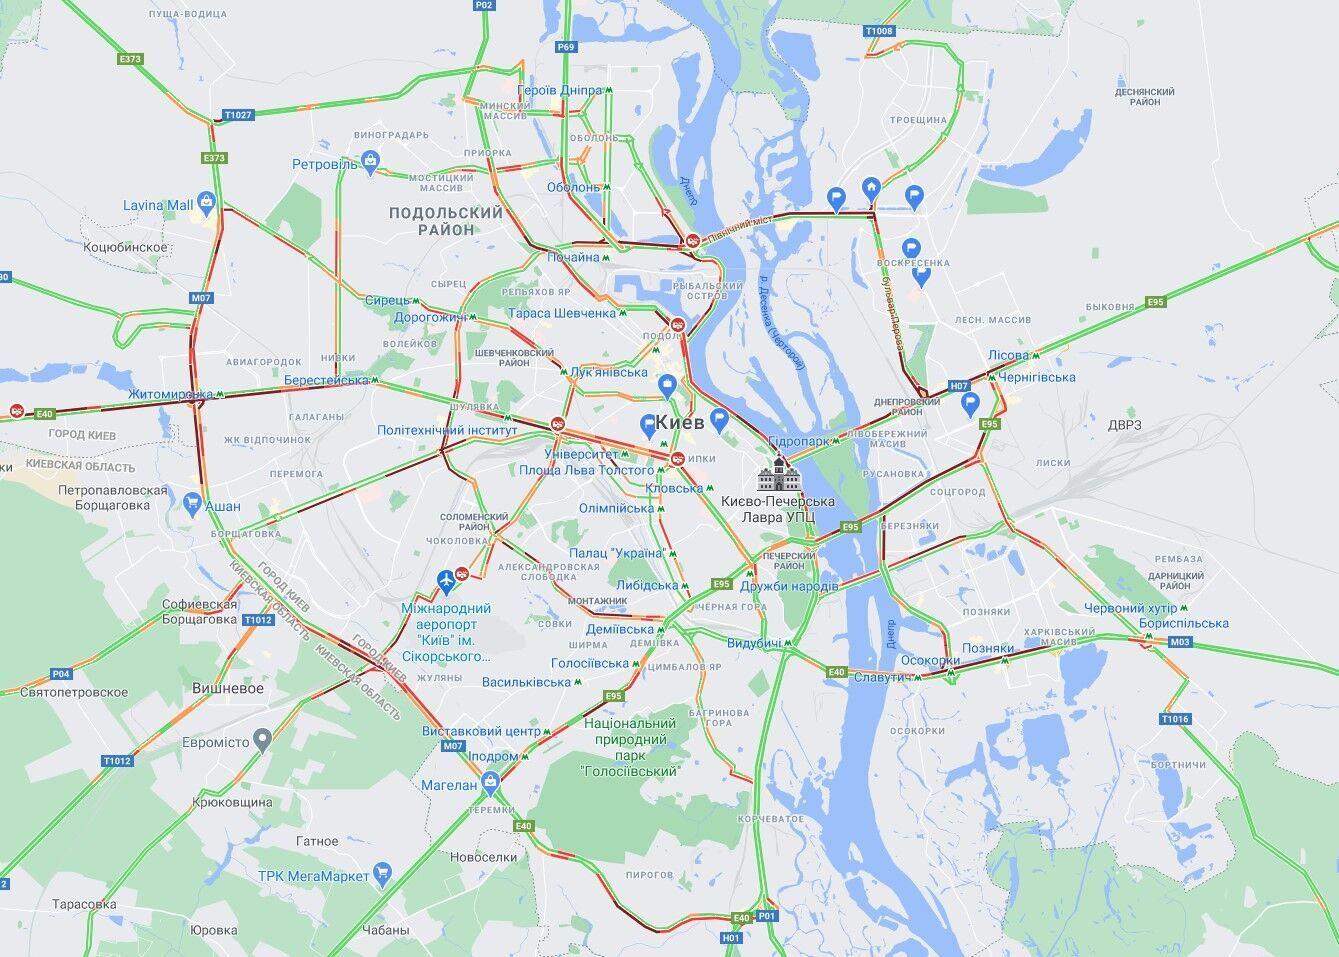 В Киеве несколько ДТП спровоцировали серьезные пробки.